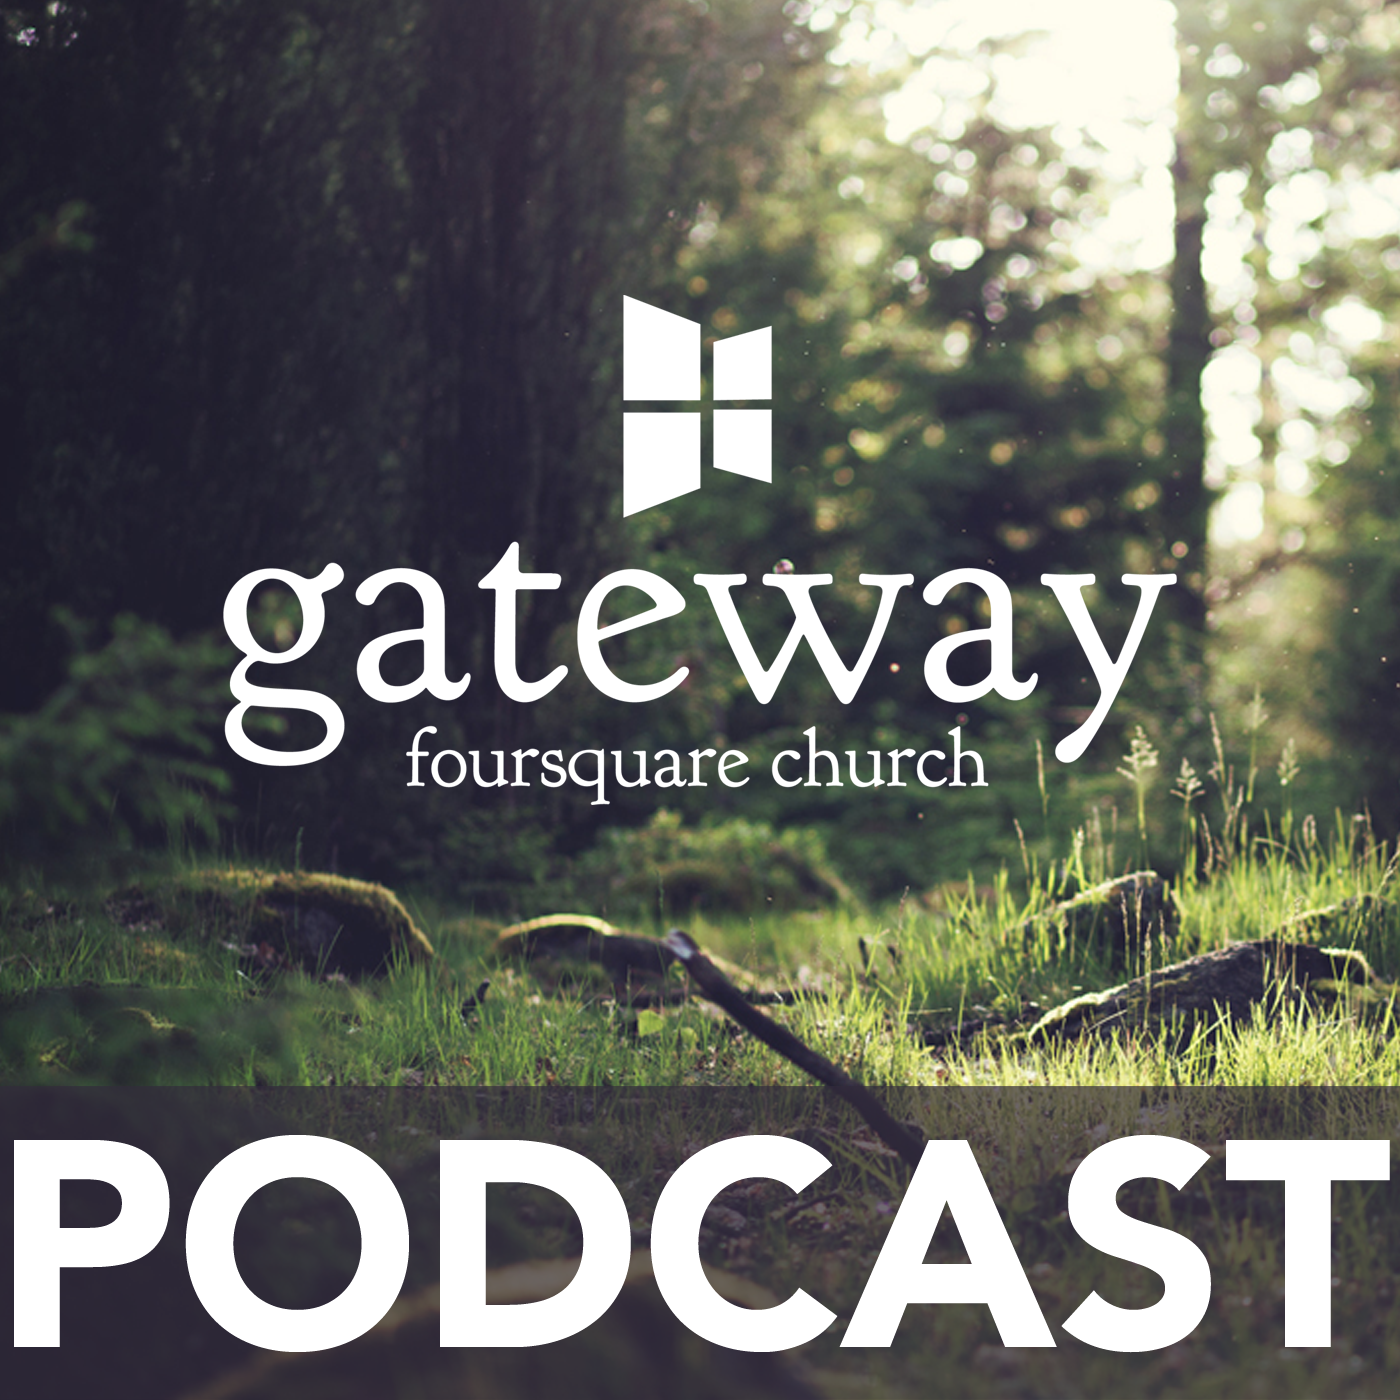 Gateway Foursquare